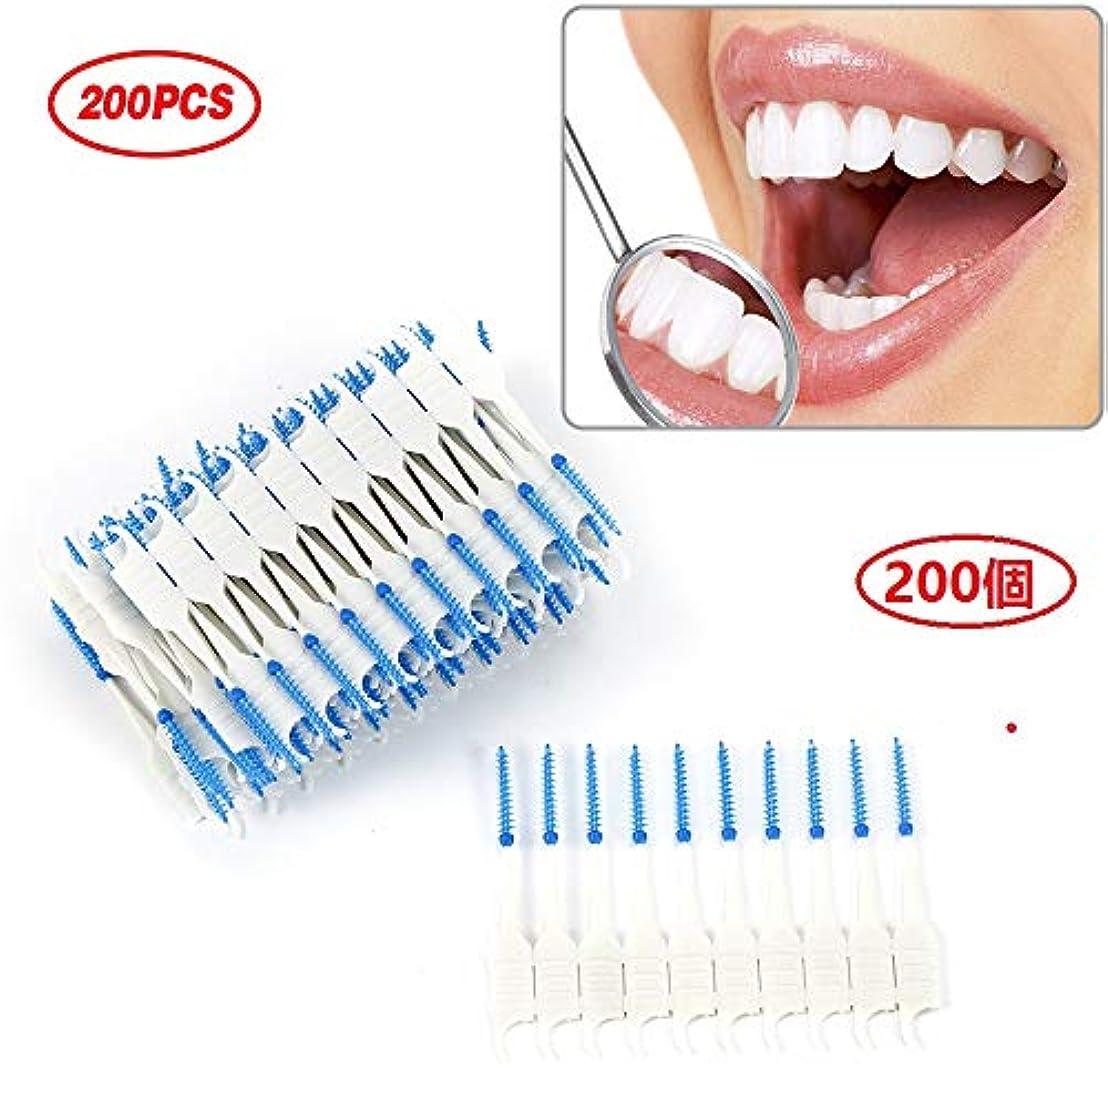 保険をかける線形カウンターパート200ピース歯のクリーニングオーラルケア歯フロス口腔衛生デンタルフロスソフト歯間二重つまようじ健康ツール 200 Pcs Teeth Cleaning Oral Care Tooth Floss Hygiene Dental...